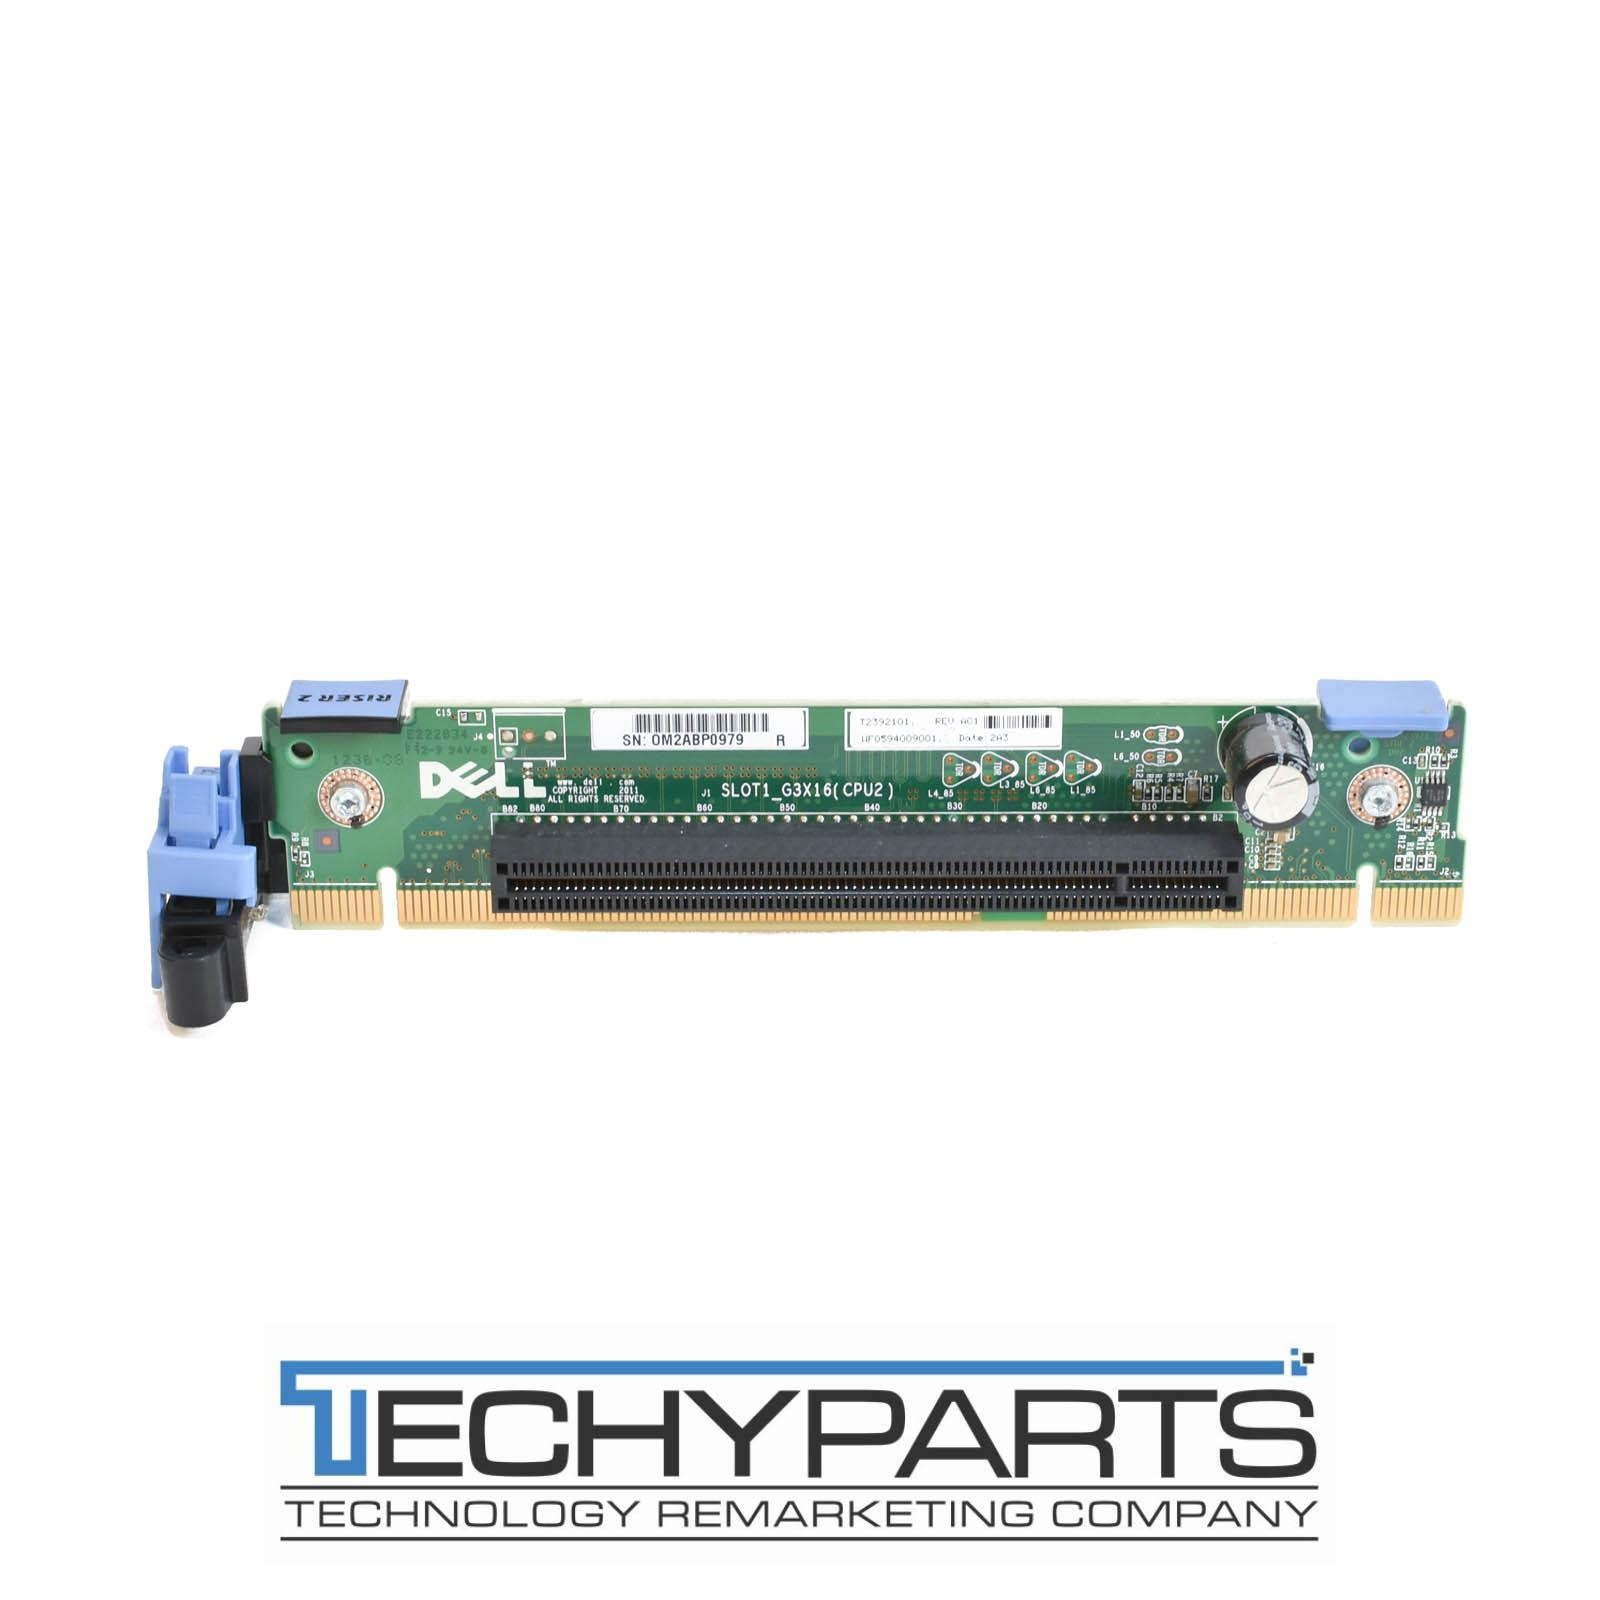 Dell VKHCN Riser 2 PCI-e Riser Card for PowerEdge R620 Server